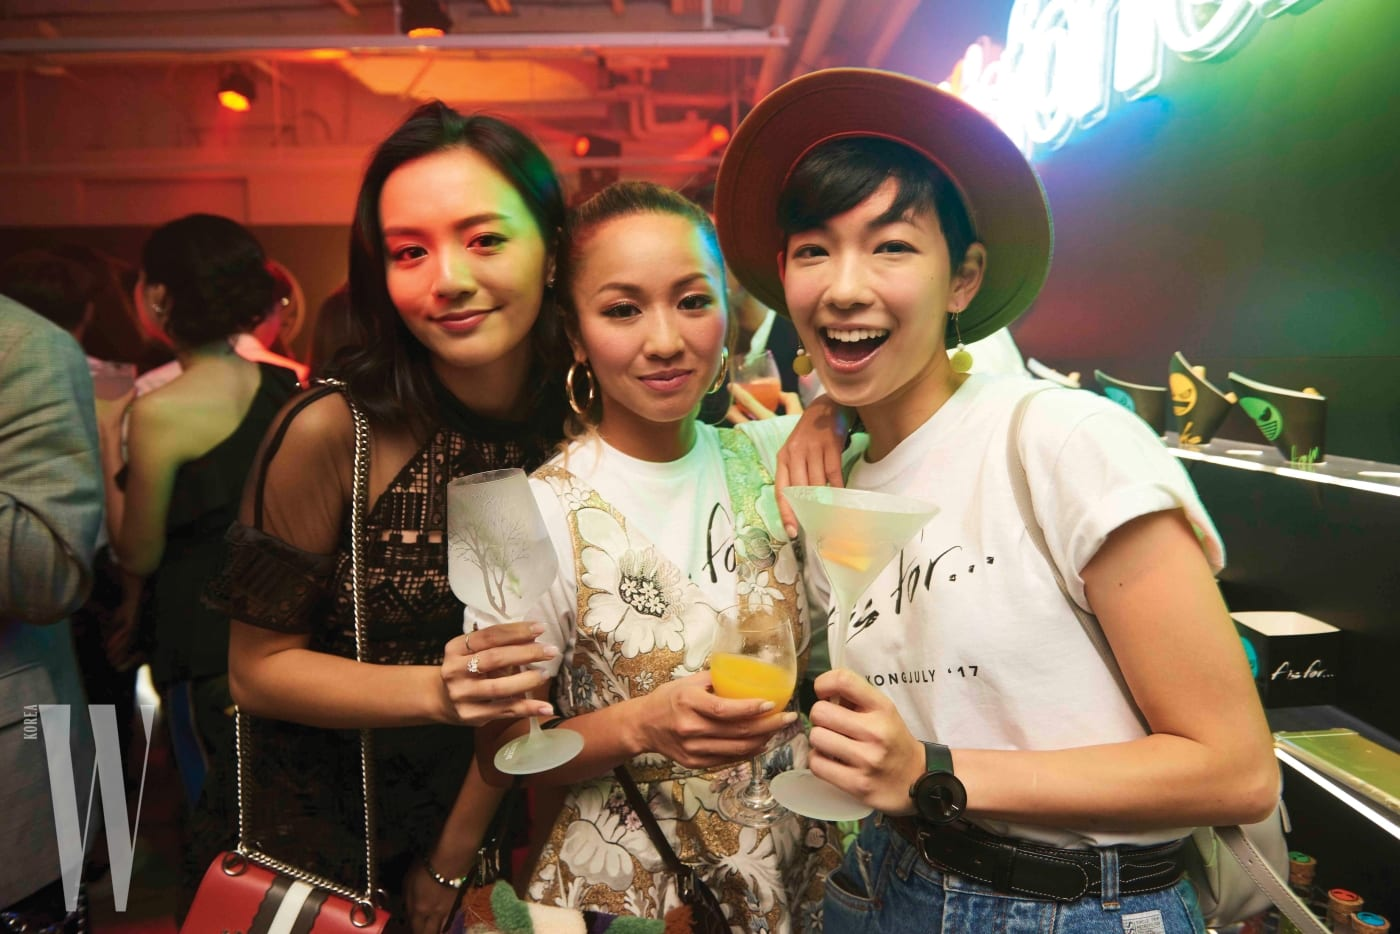 파티에 참석한 가수 스테파니 쳉(가운데)과 인플루언서들.